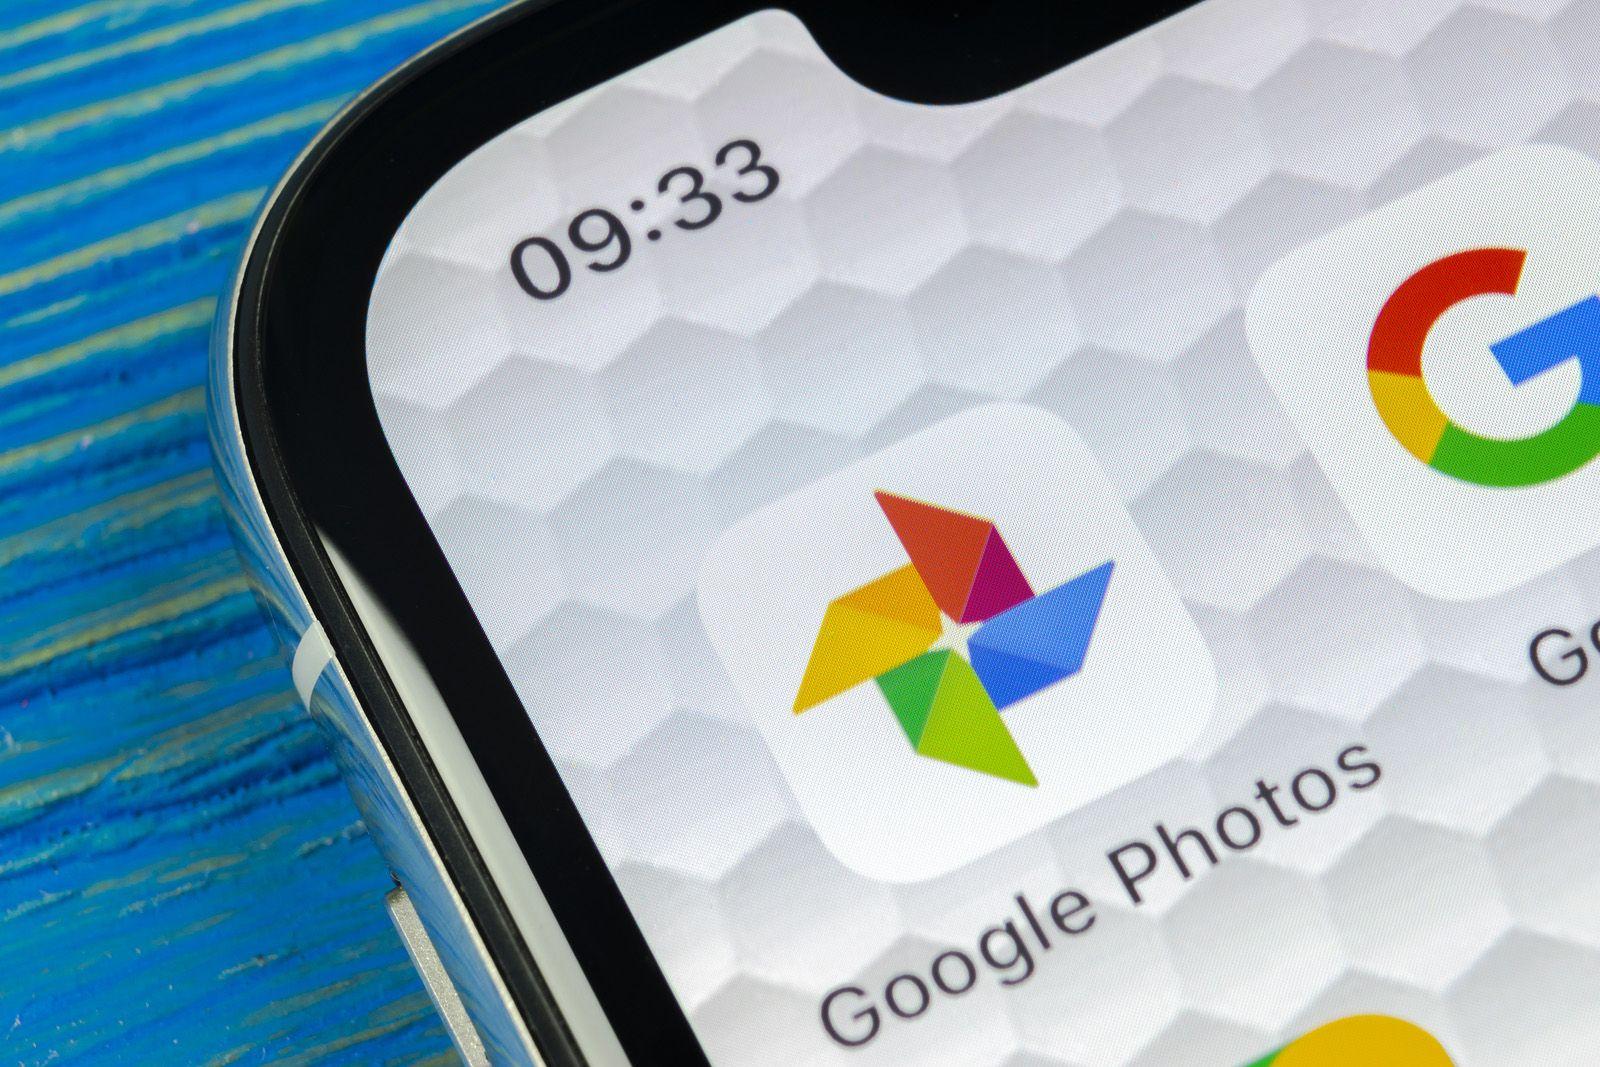 Conoce algunas funciones de Google Fotos que casi nadie usa